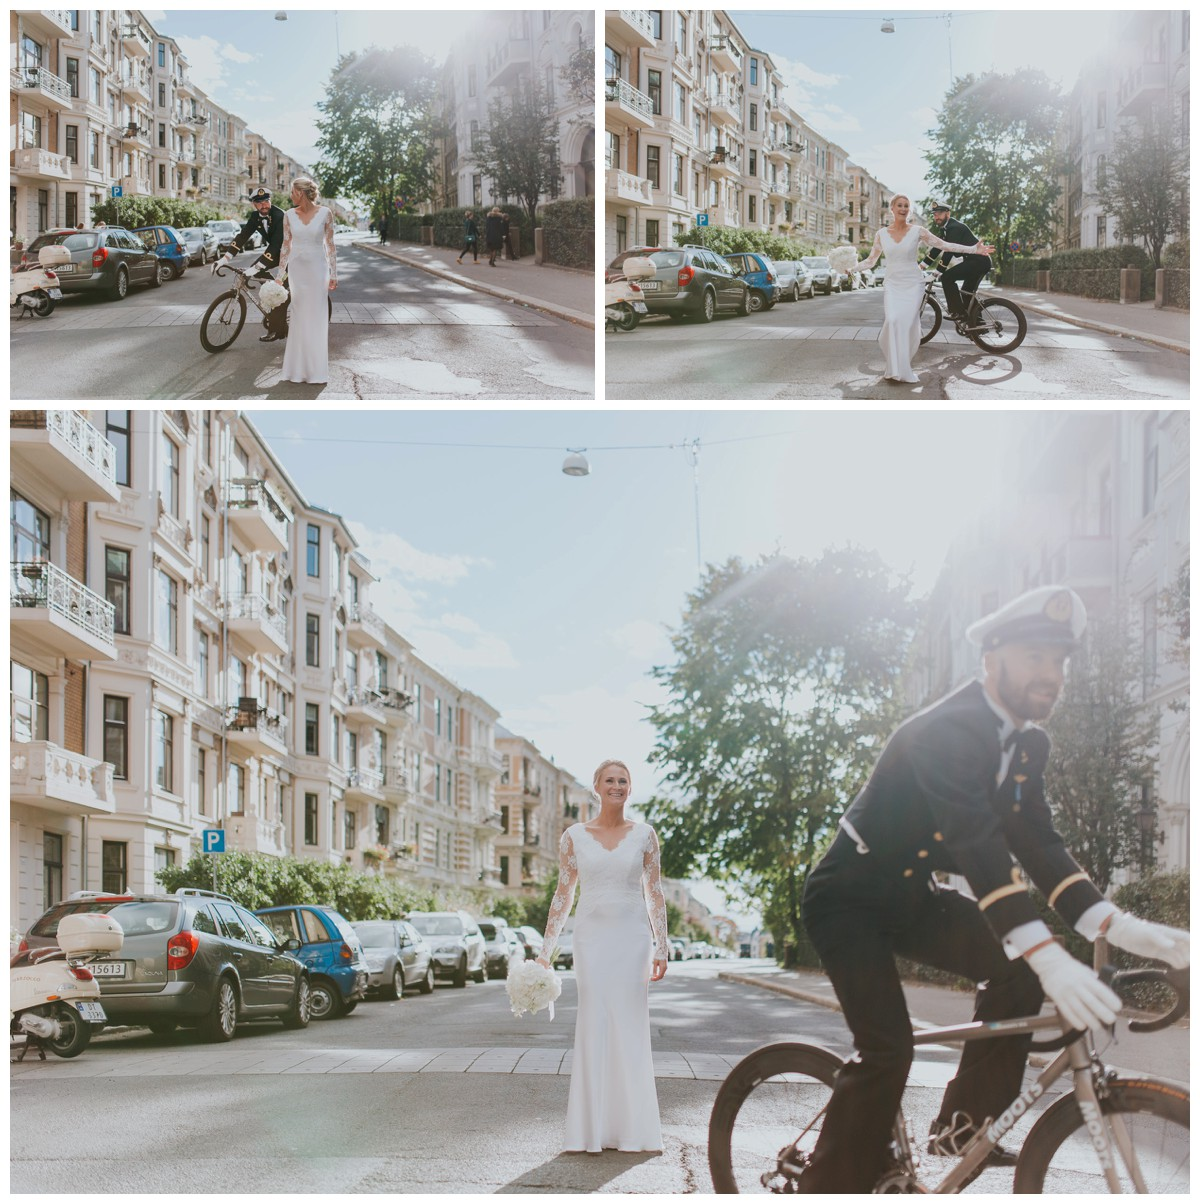 _MG_6464_wedding photographer norway.jpg